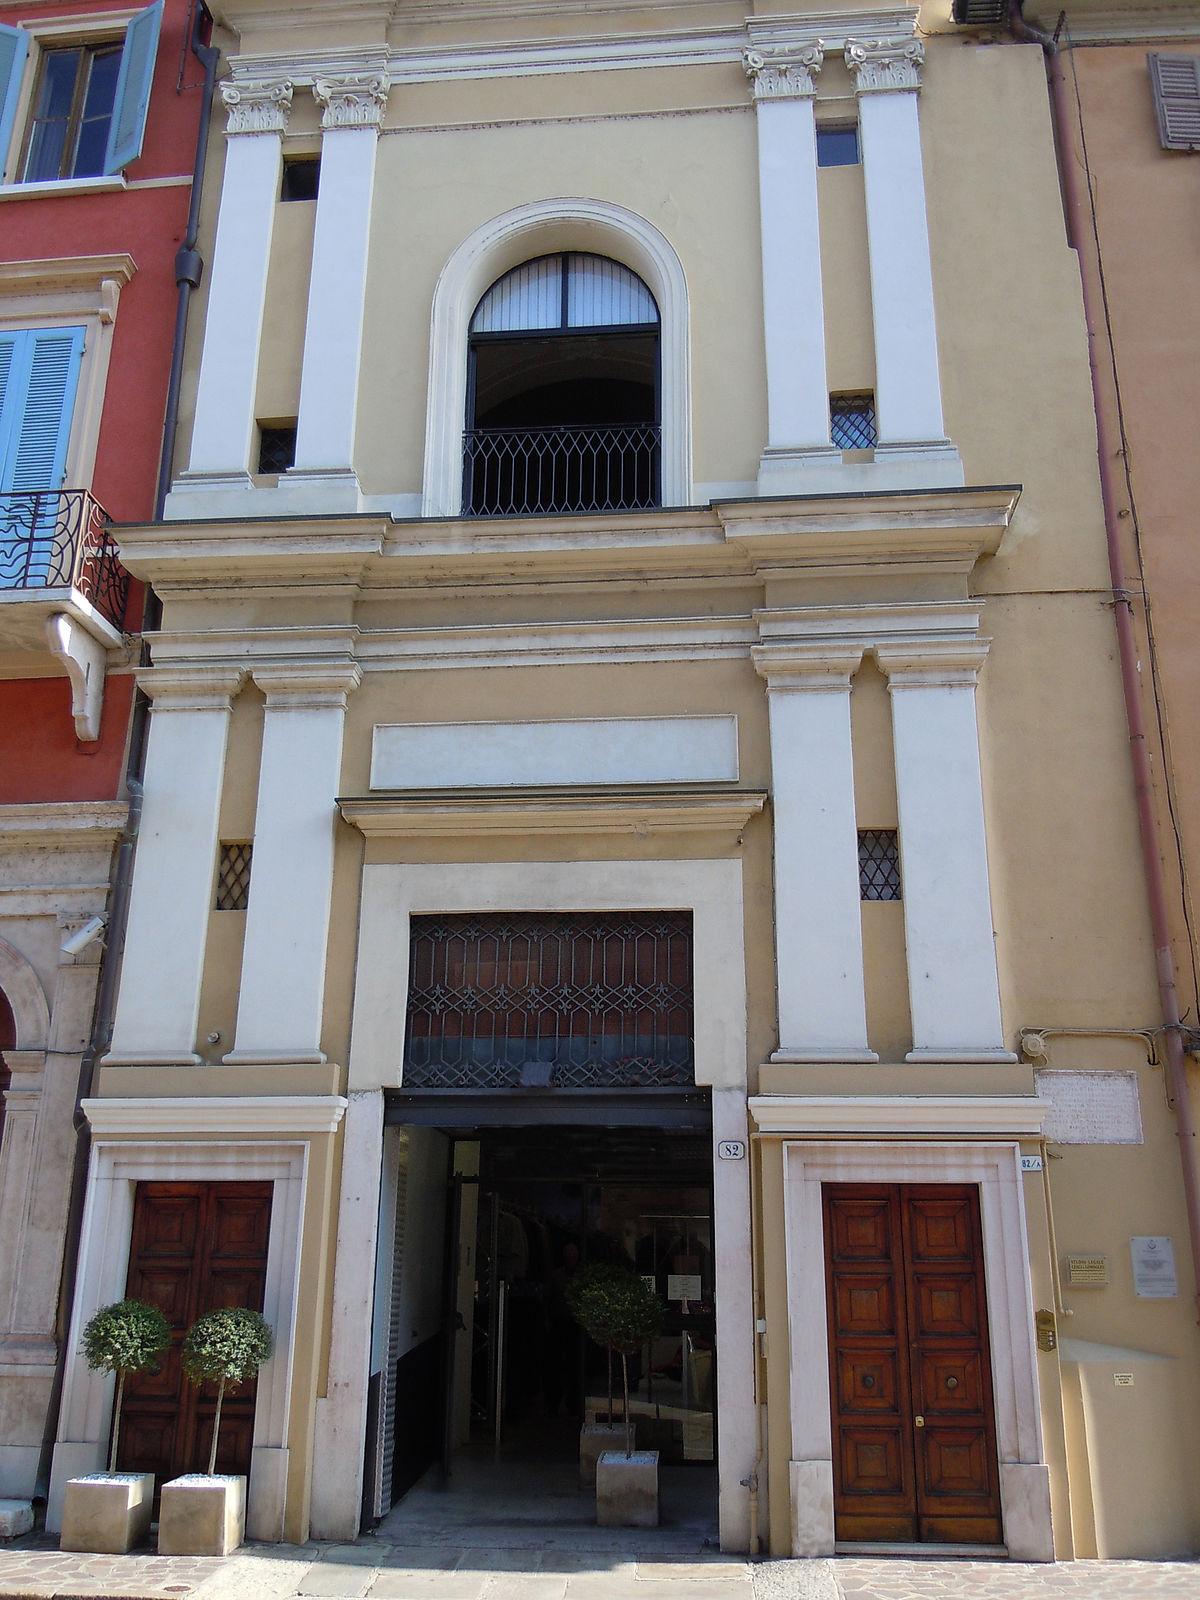 Oratorio di santa maria del melone wikipedia for Cambio destinazione d uso sblocca italia